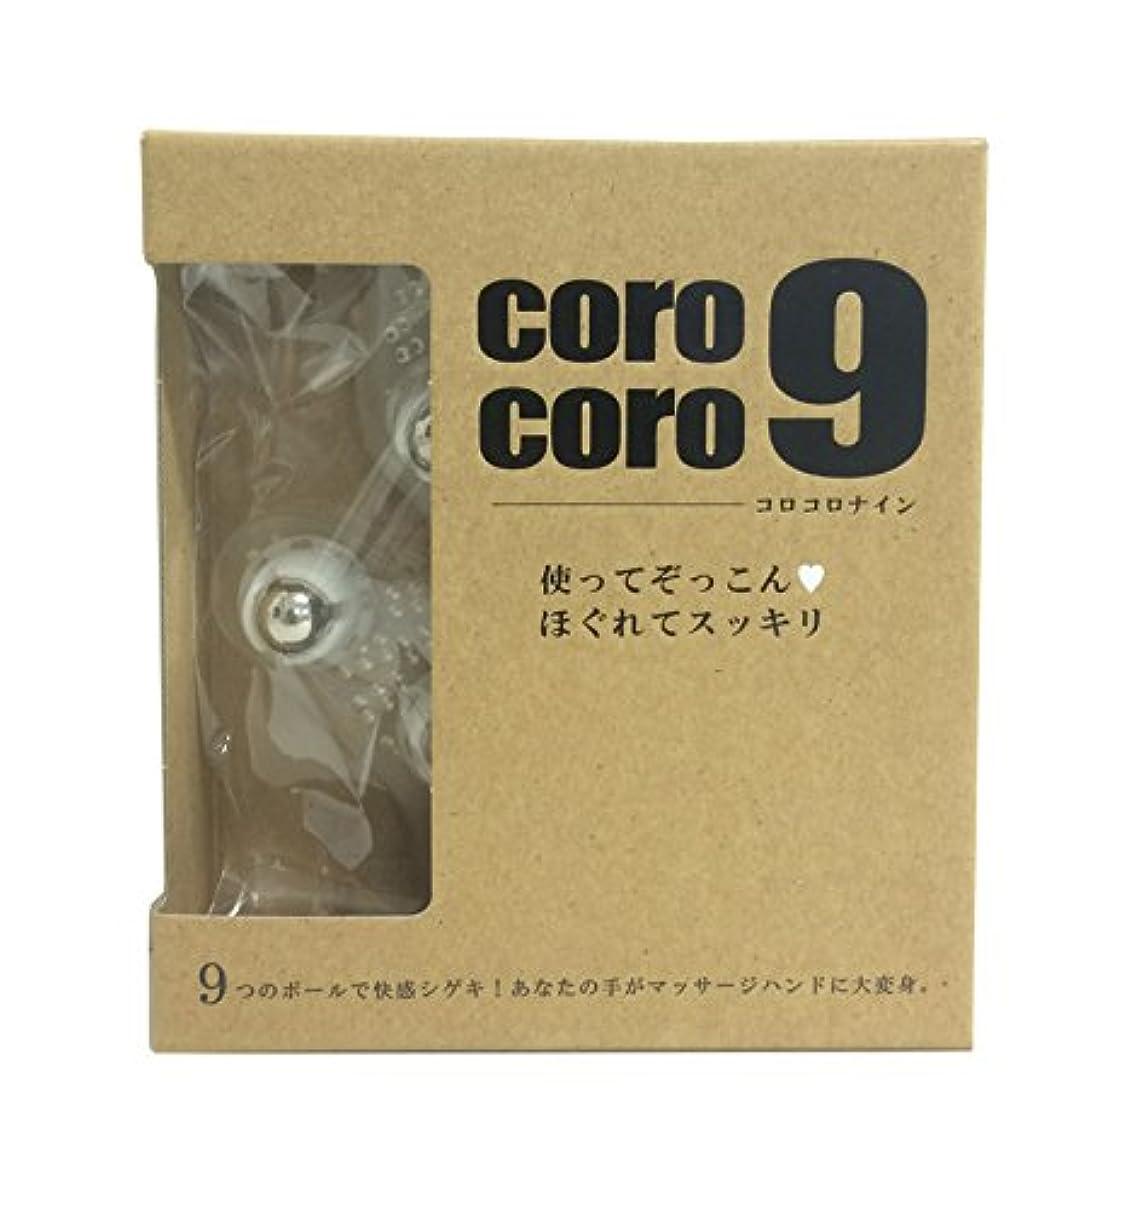 サーバント怠けたサーバントReシリーズ CoroCoro9 クリア